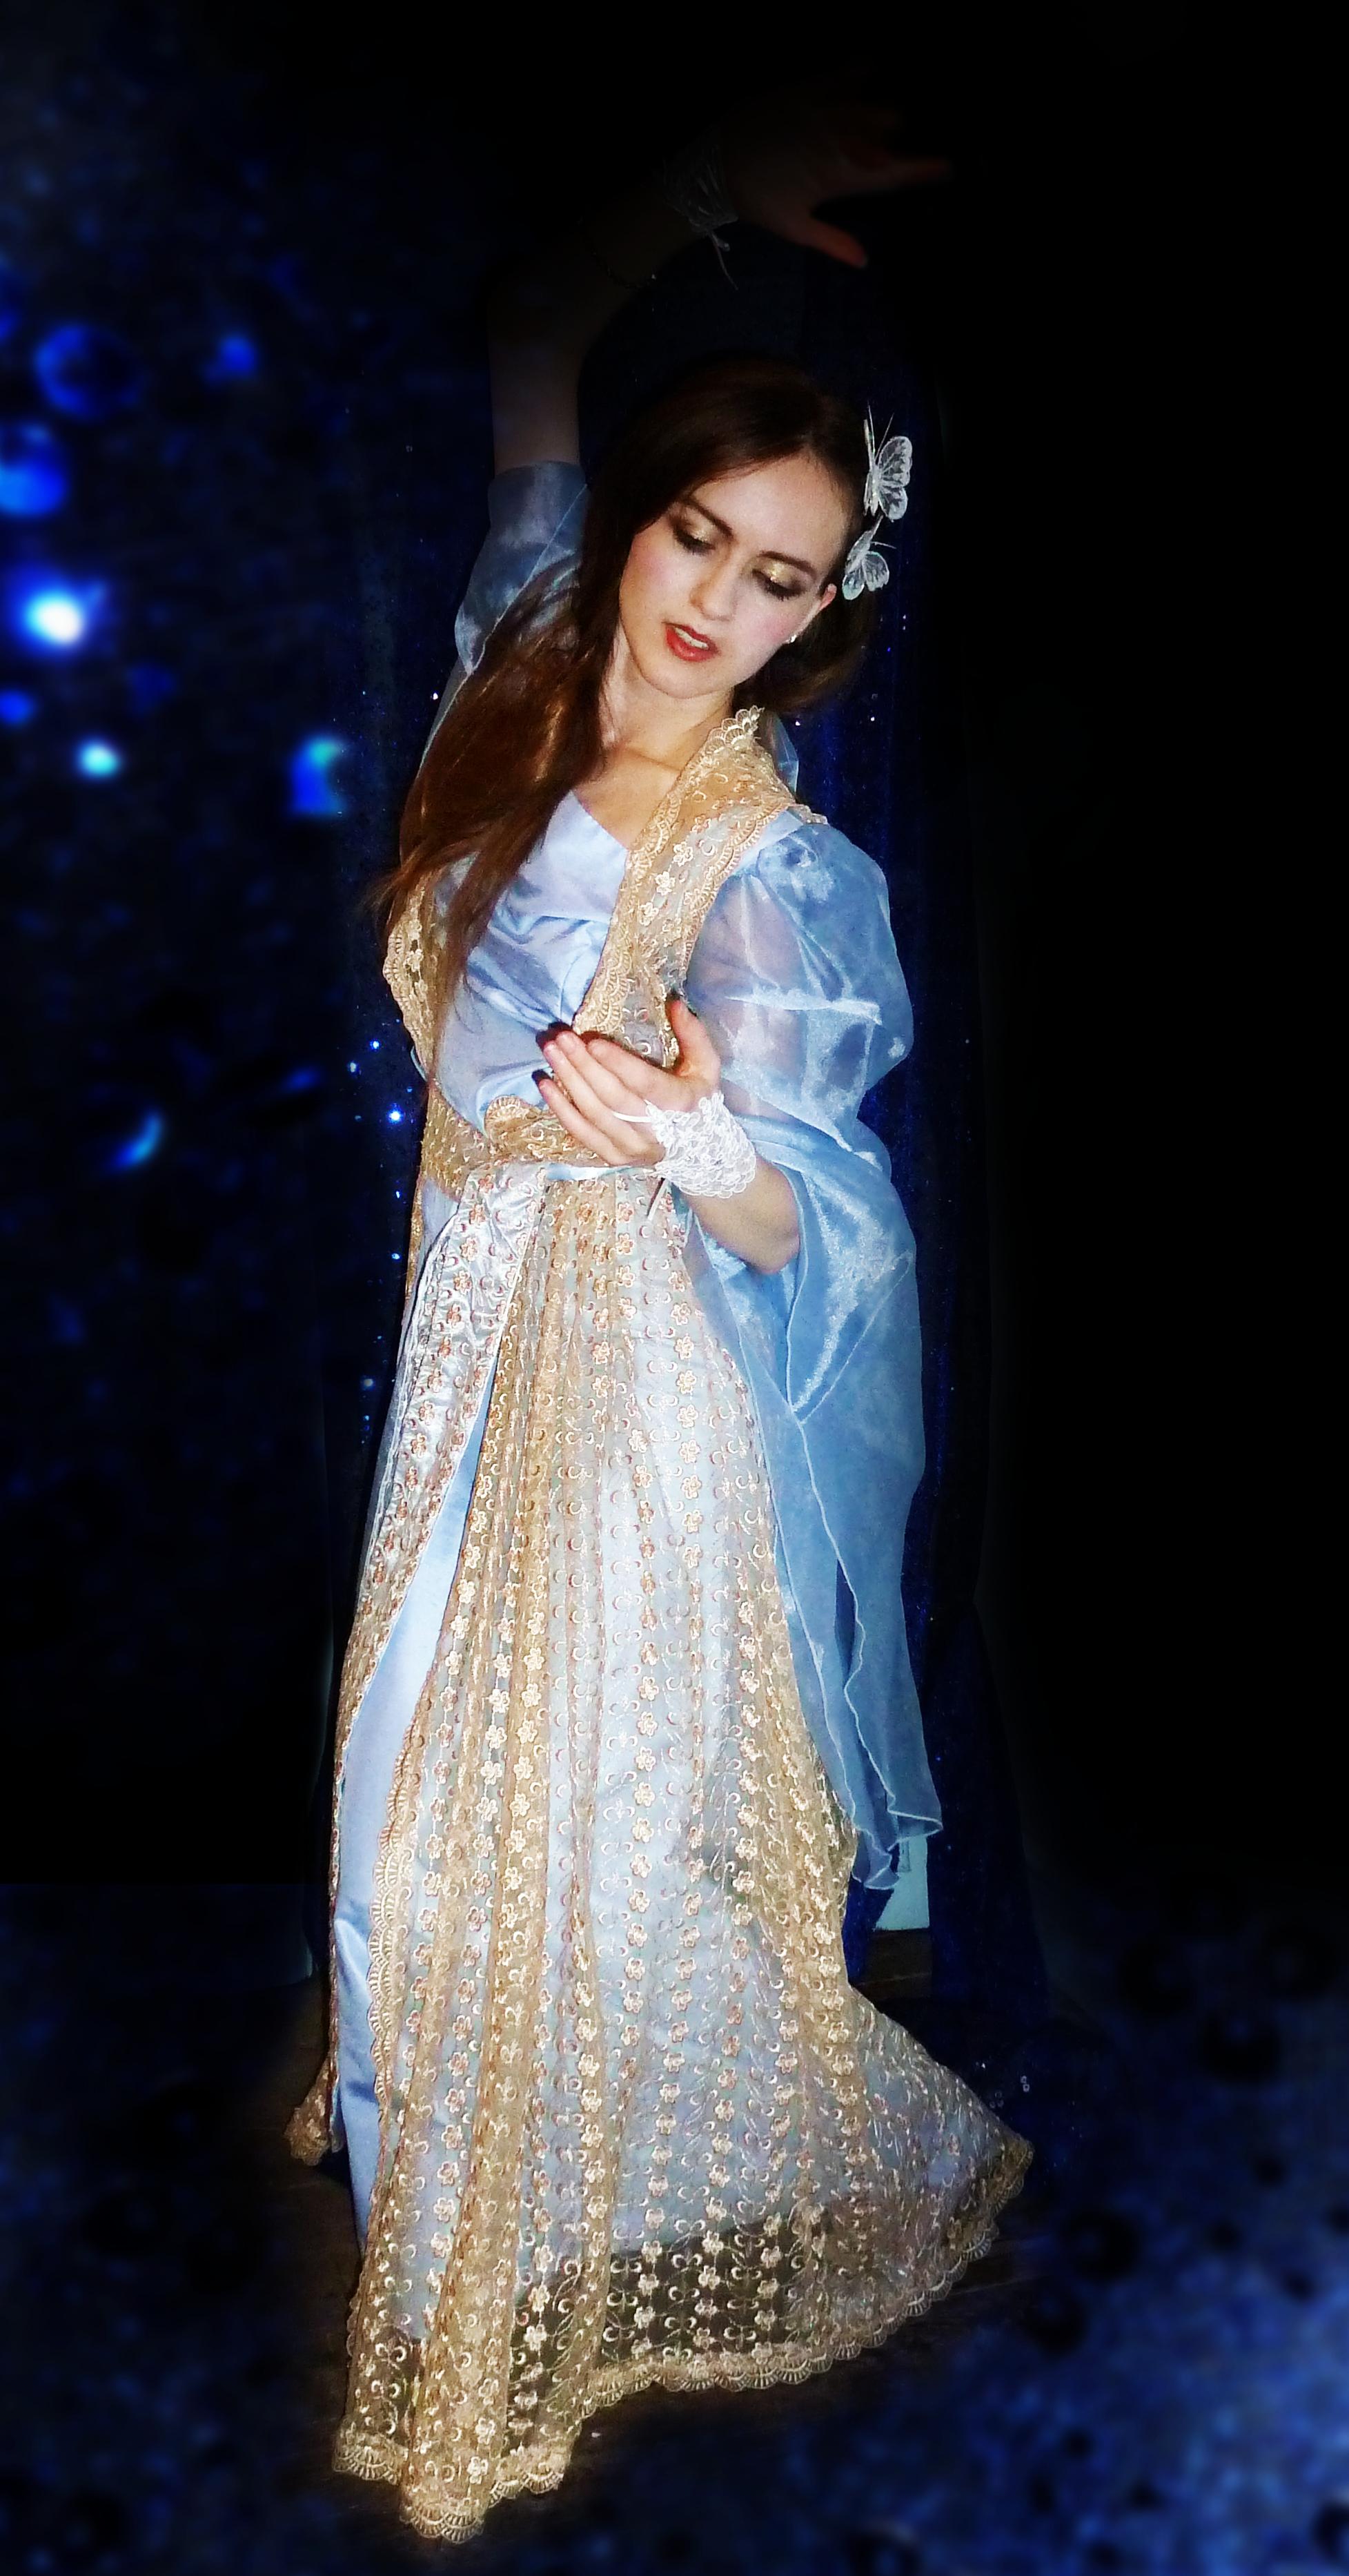 Florentinian Ice Queen 1